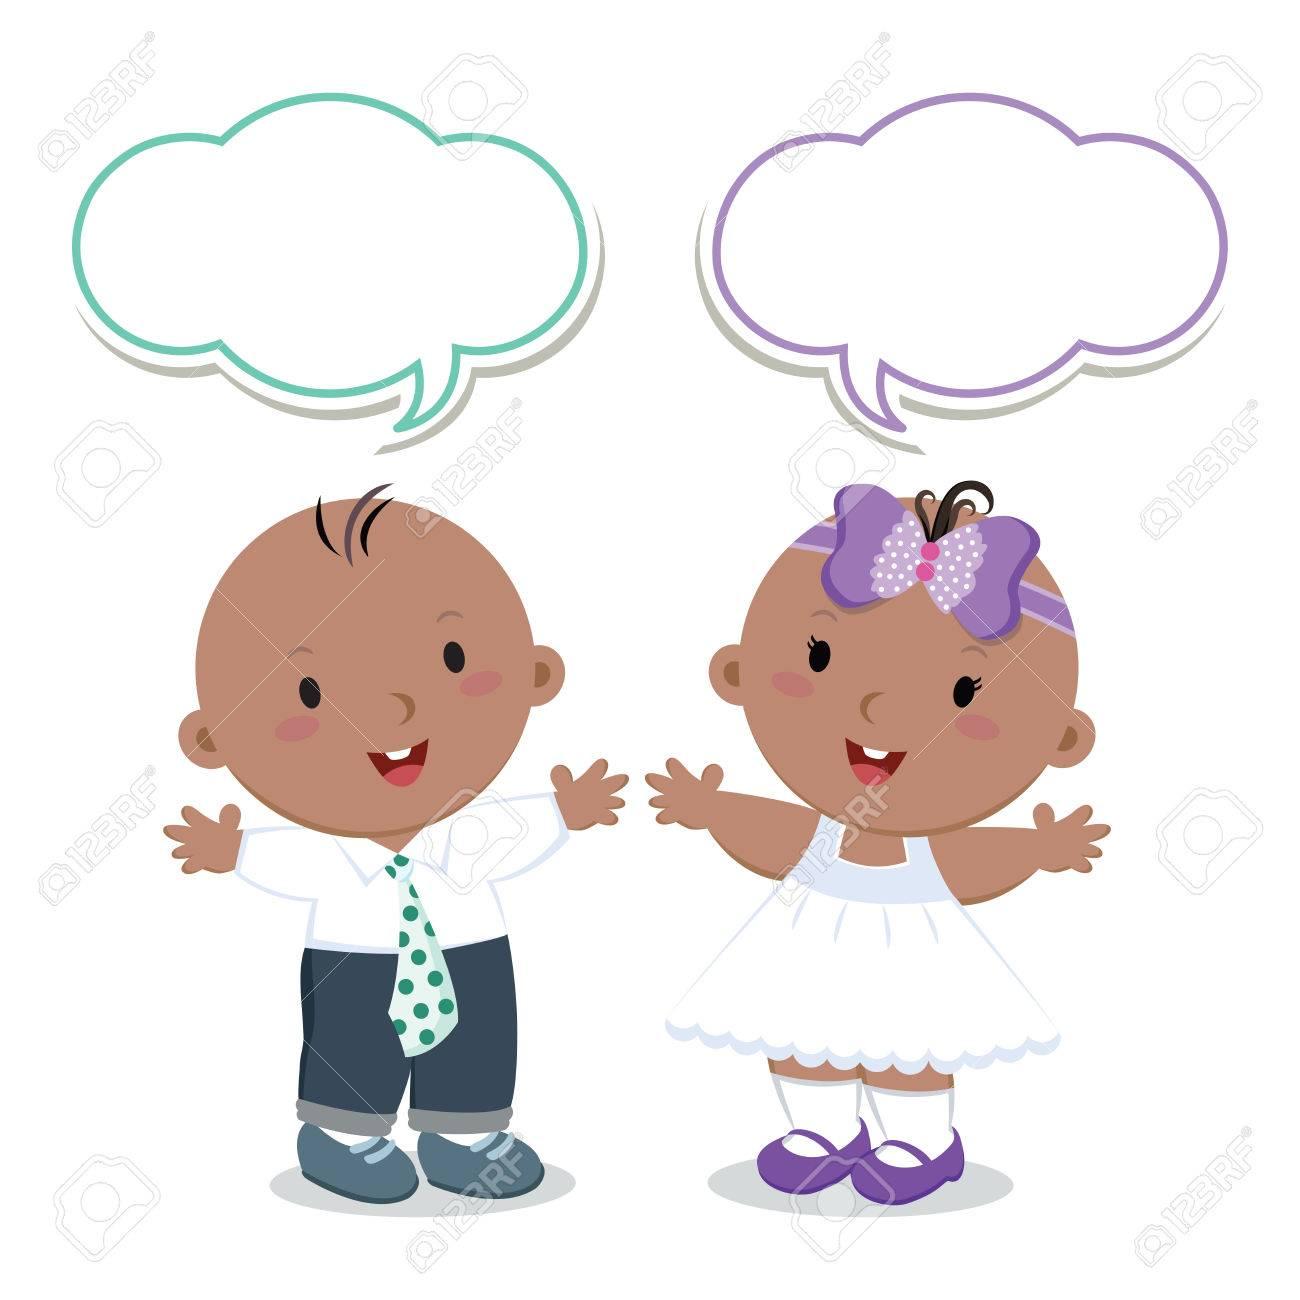 双子。男の子と女の子。かわいい男の子と女の子のベクトル イラストを